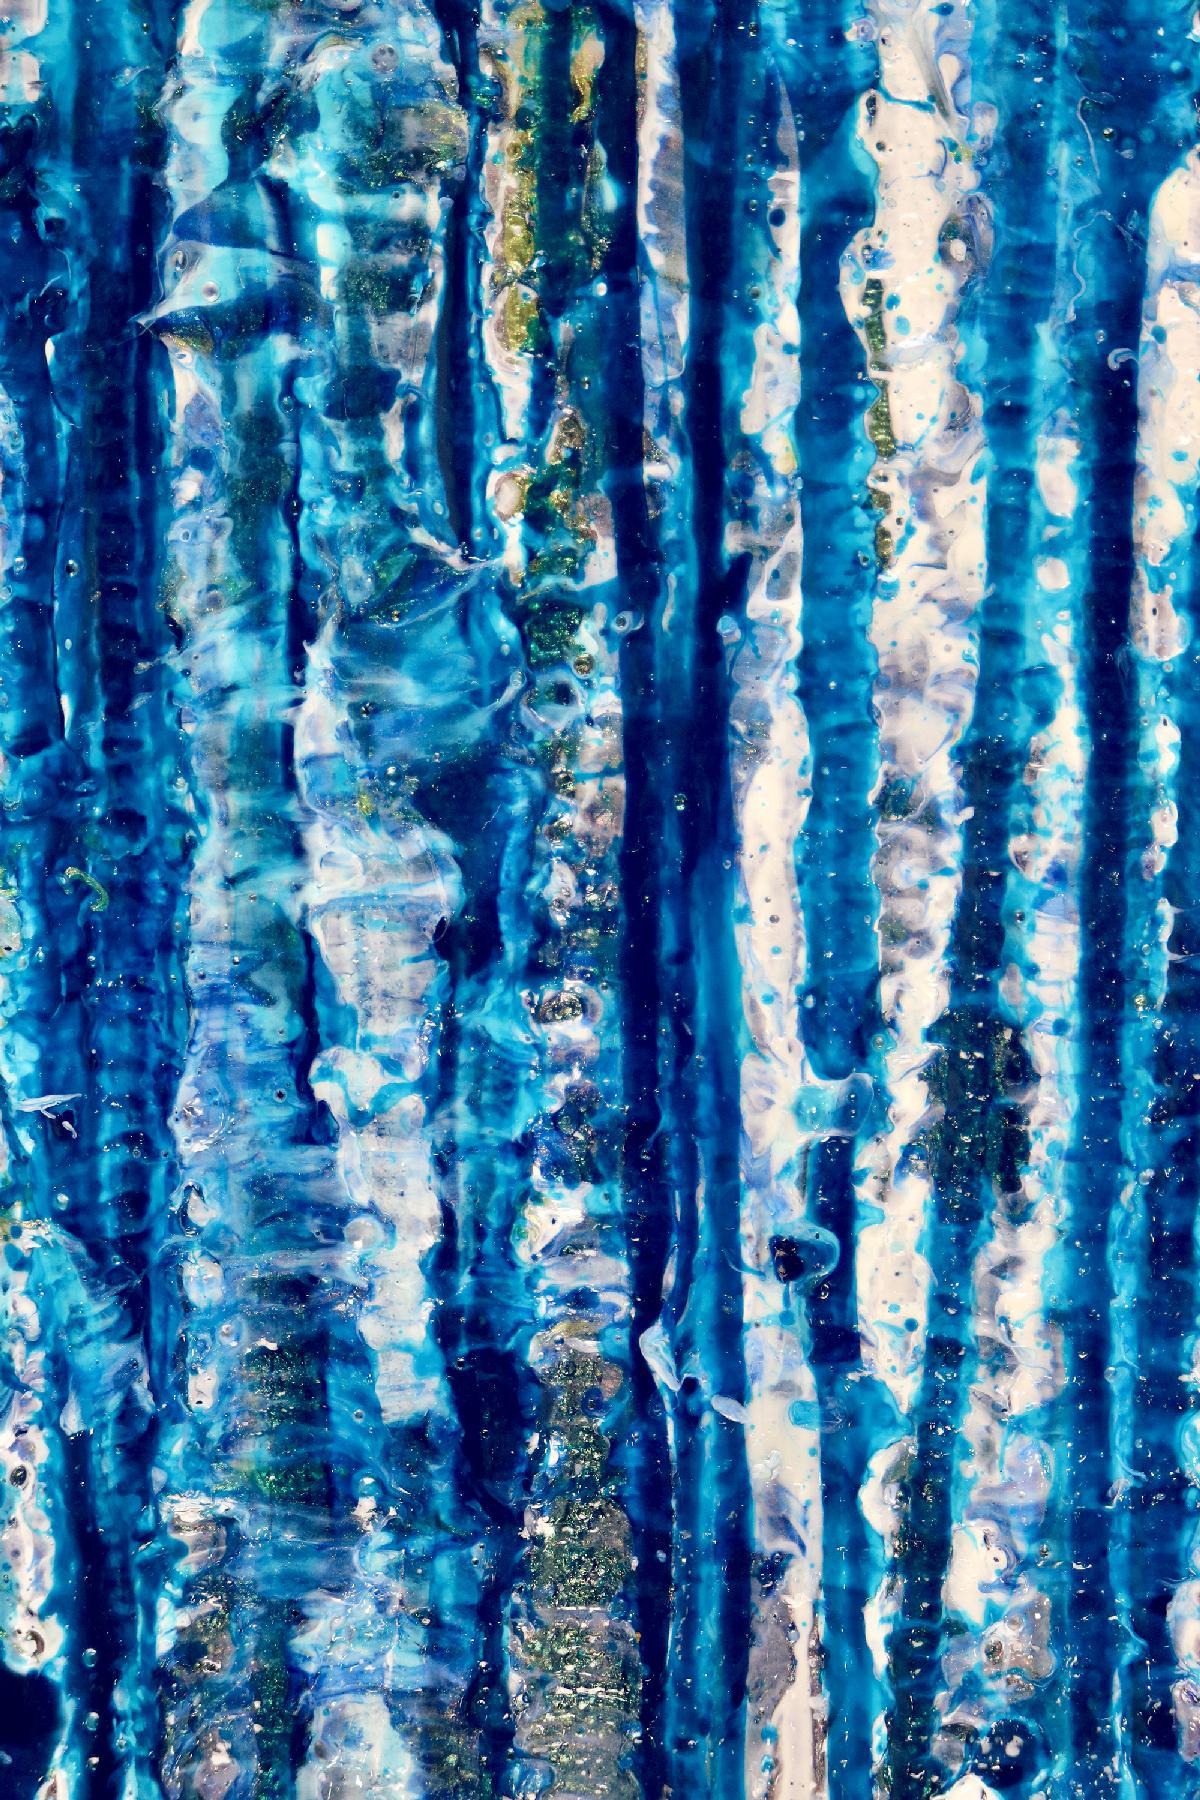 Detail - Daydream Panorama 10 (Natures Imagery) (2020) by Nestor Toro